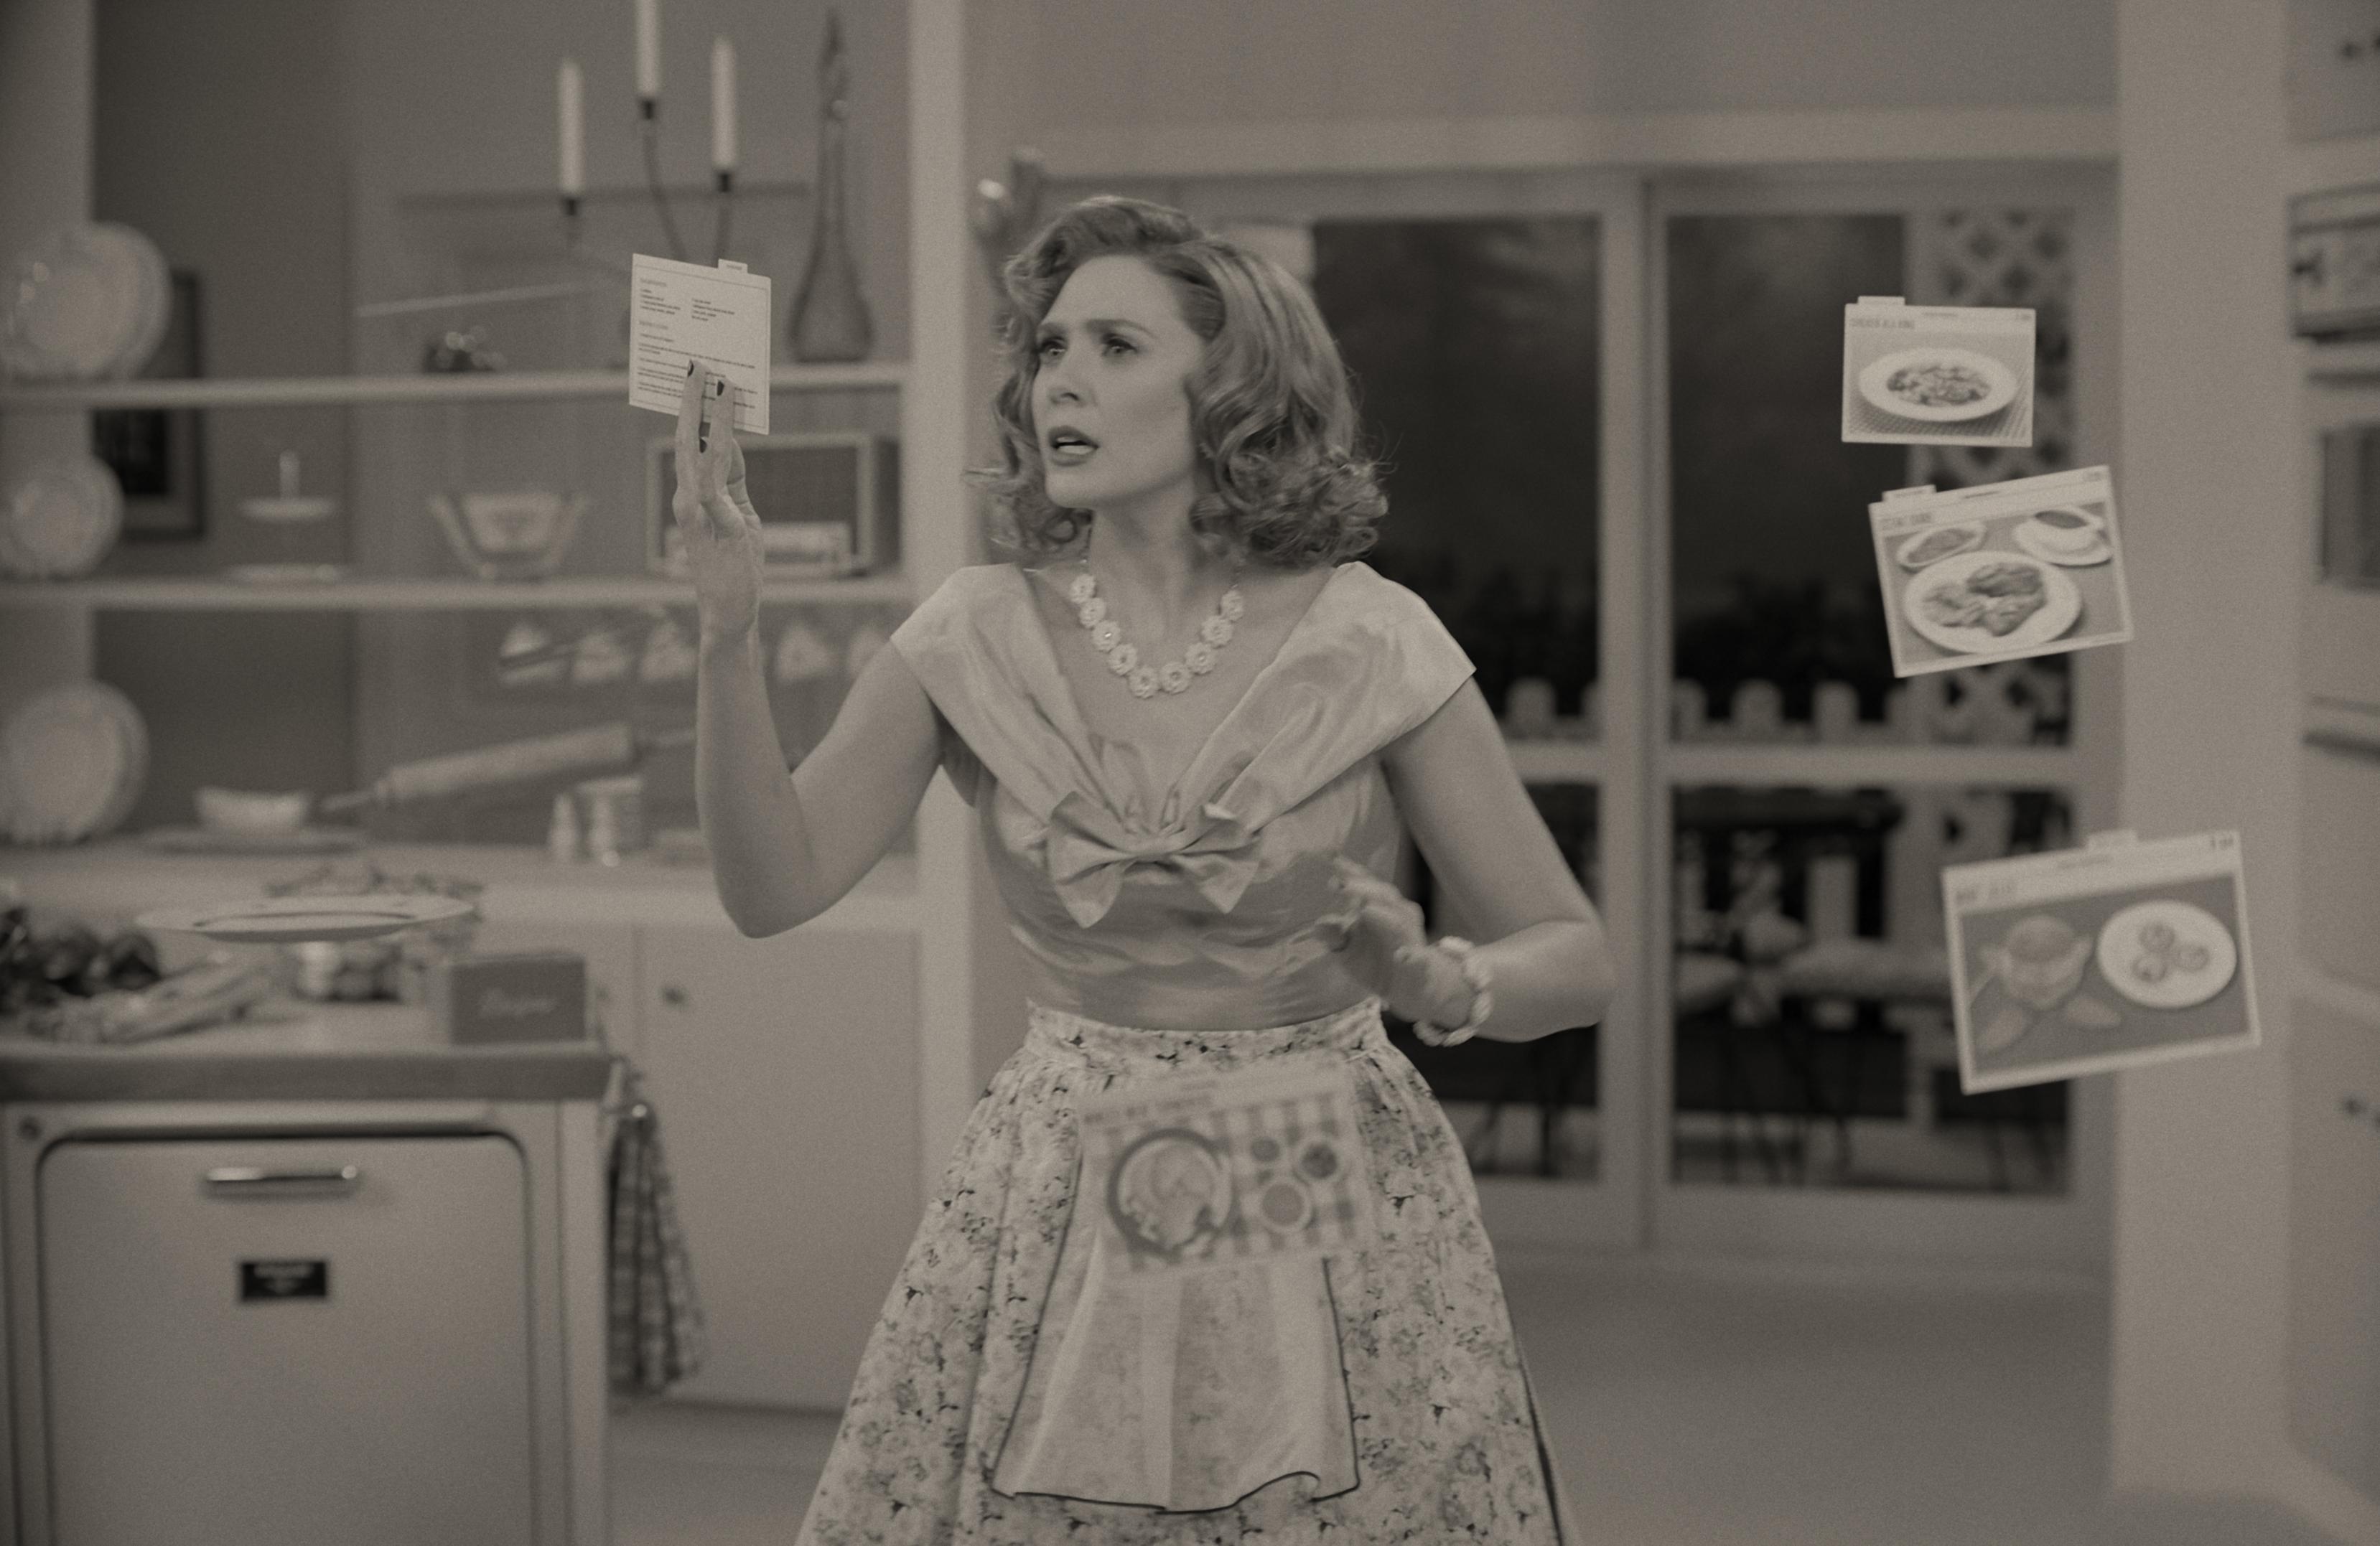 Elizabeth Olsen as Wanda in WandaVision